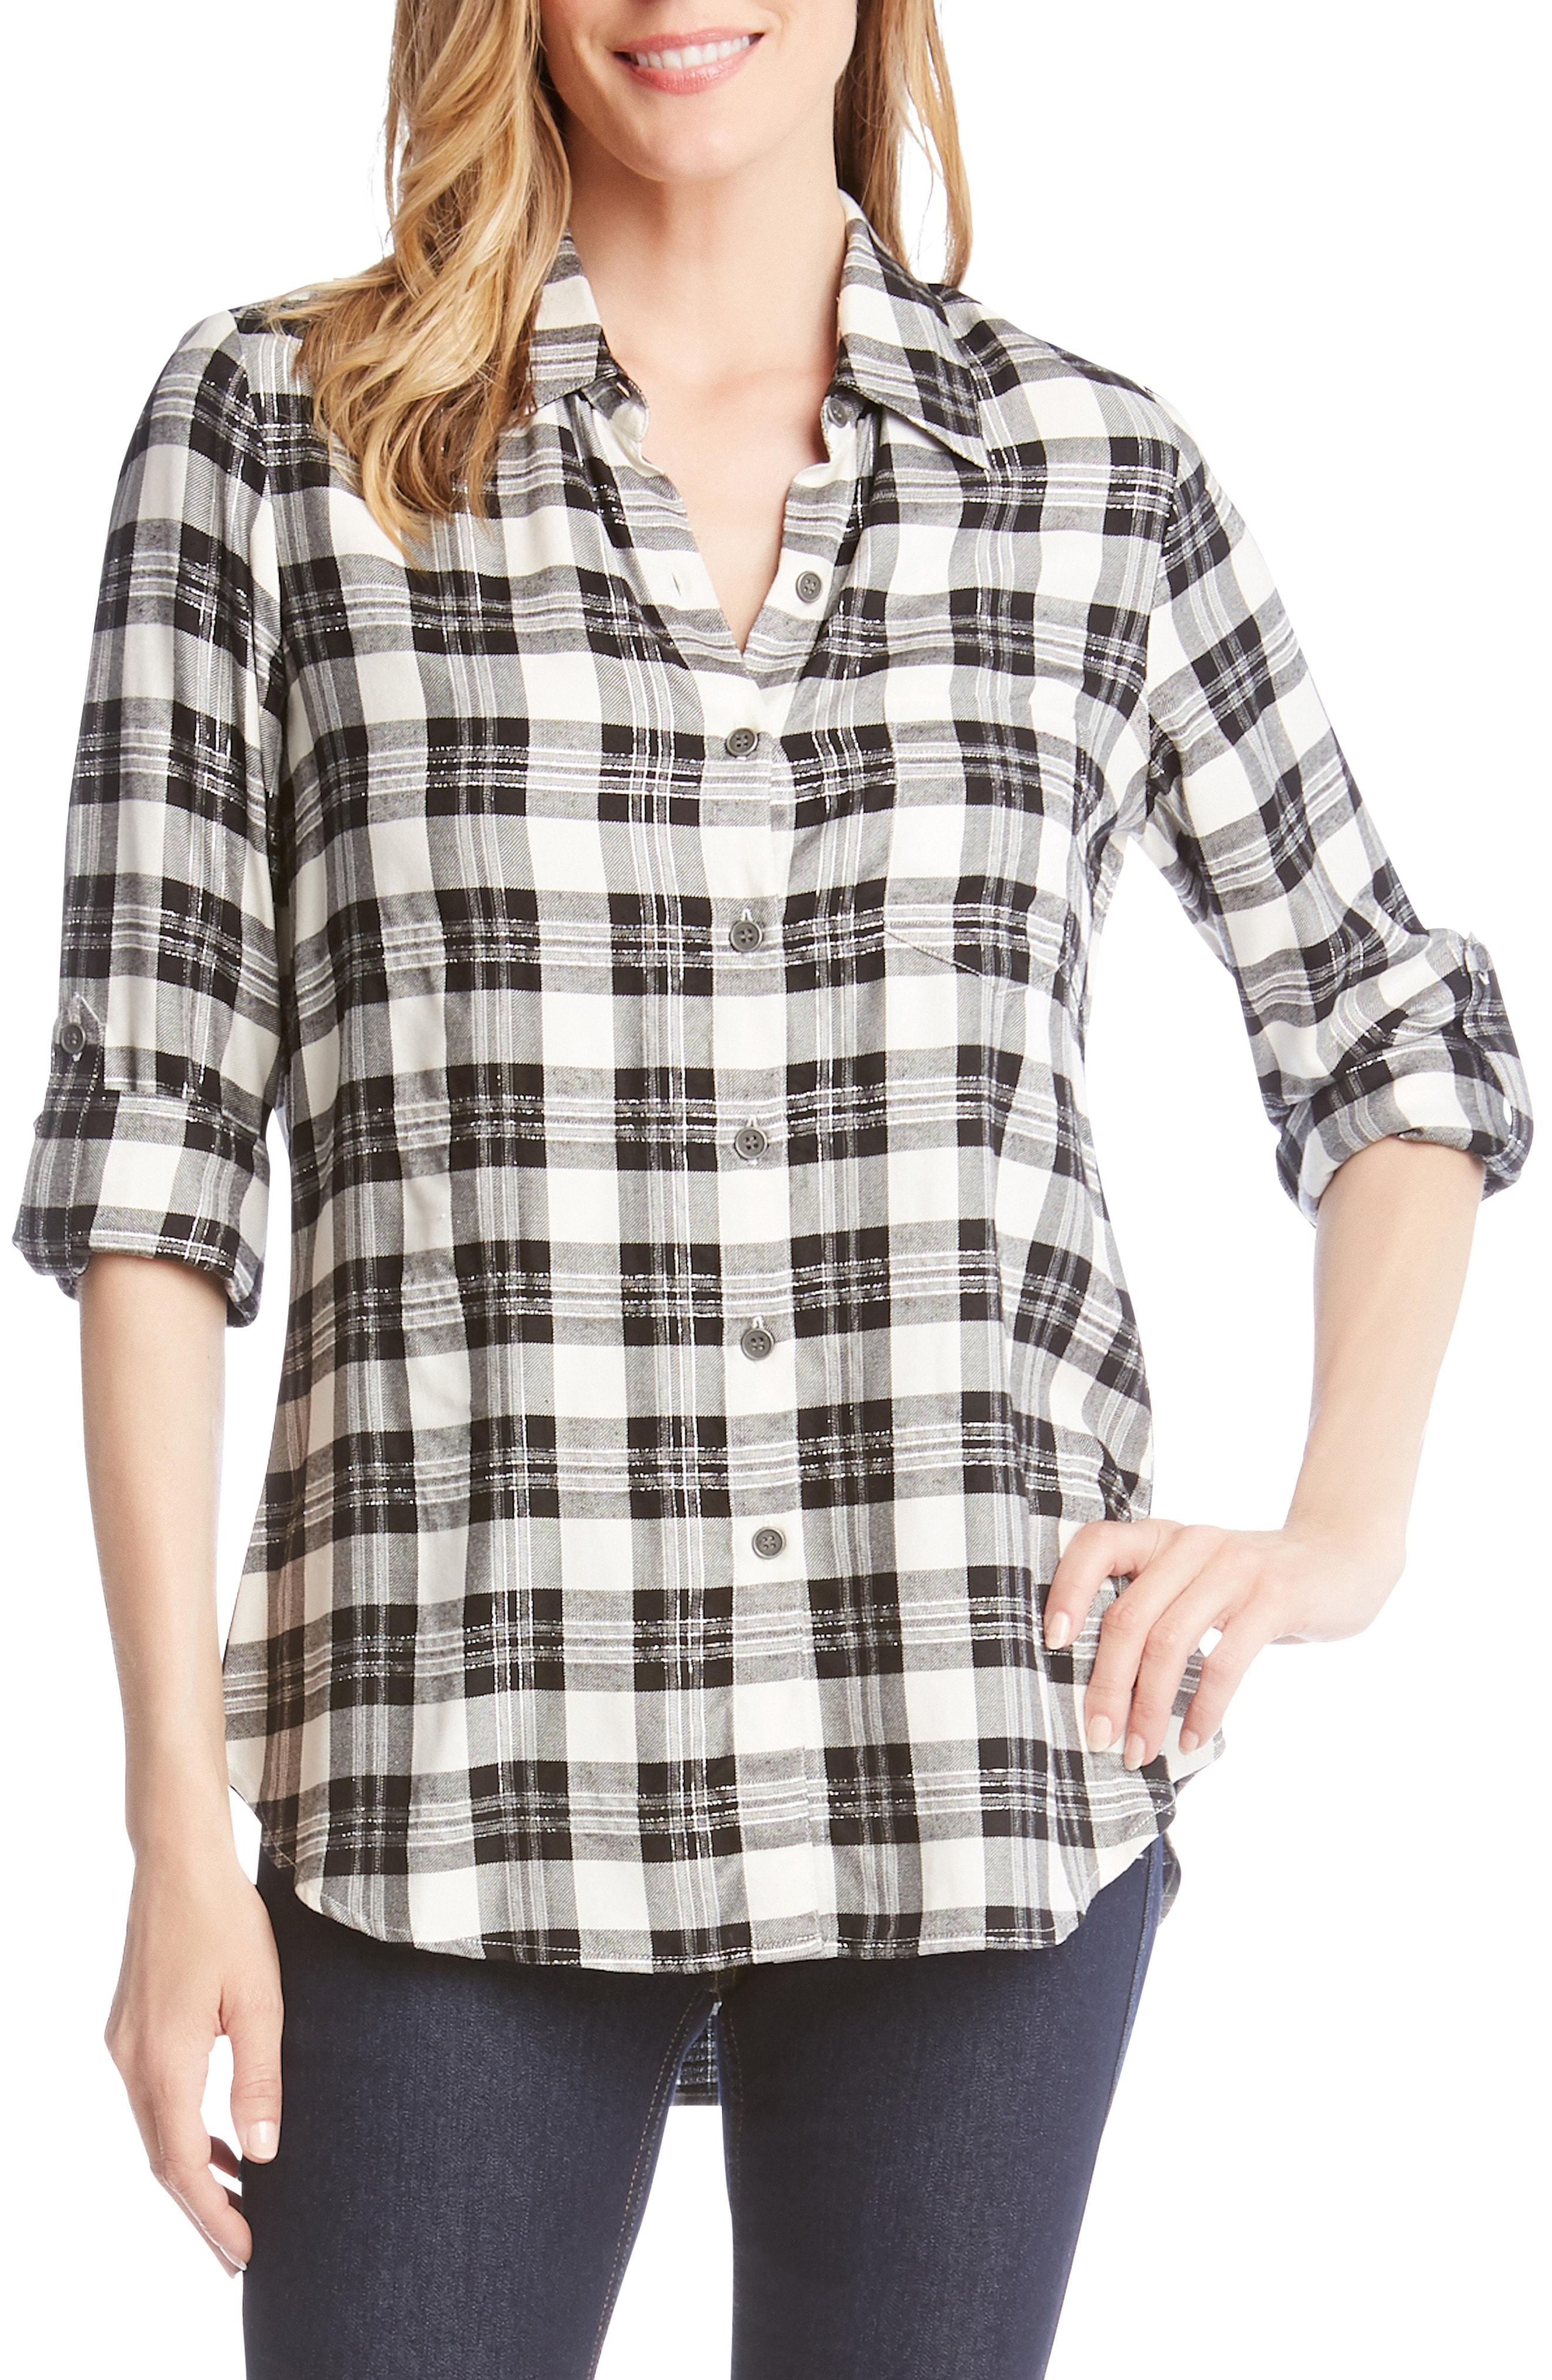 Karen Kane Plaid Shirt